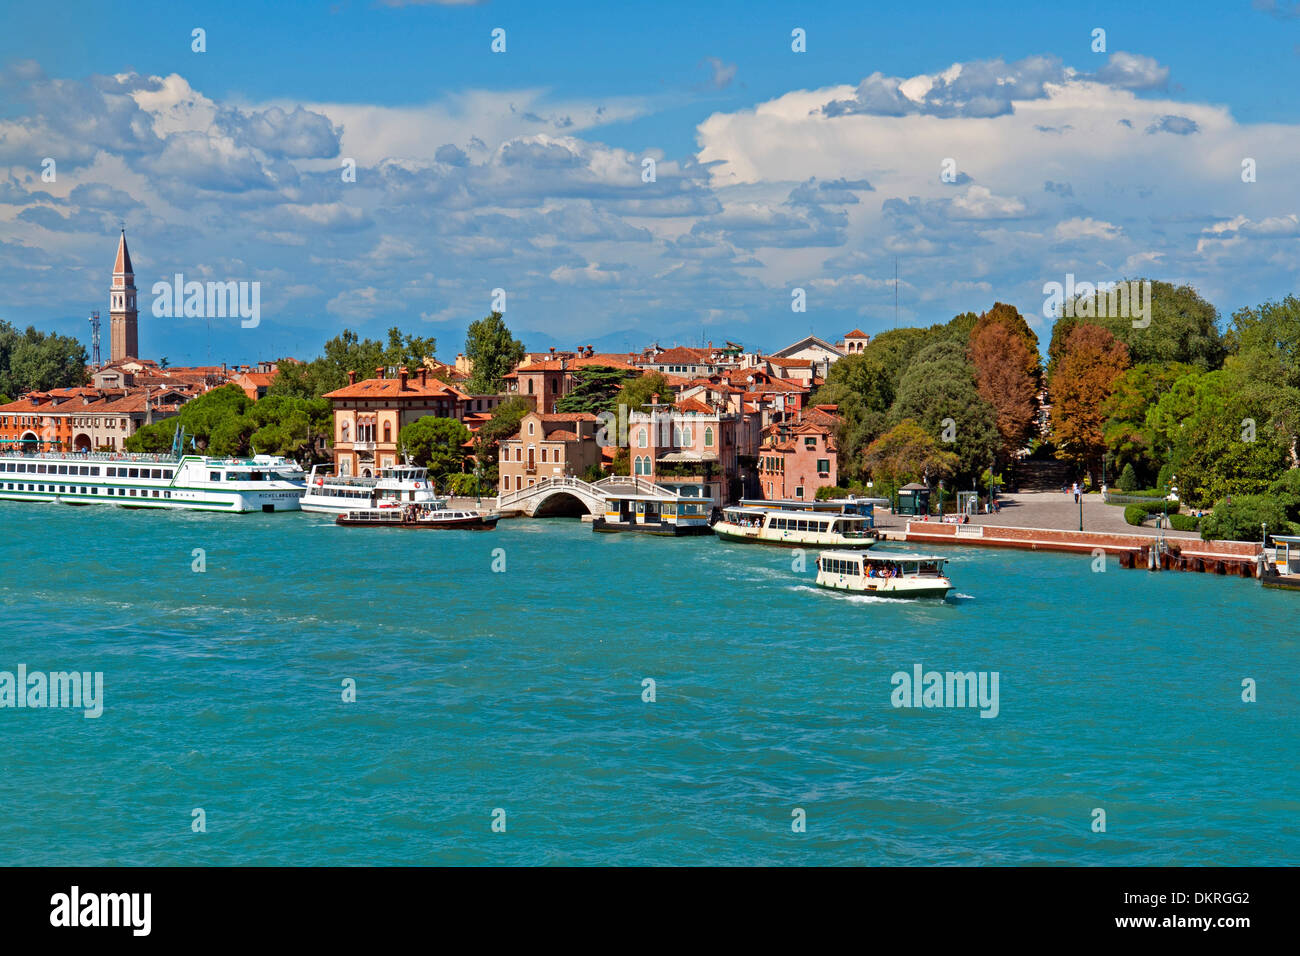 Europa Italia Veneto Venezia Riva dei Sette Martiri lungomare fronte casa molo ponte Giardini tipico edificio di Foto Stock